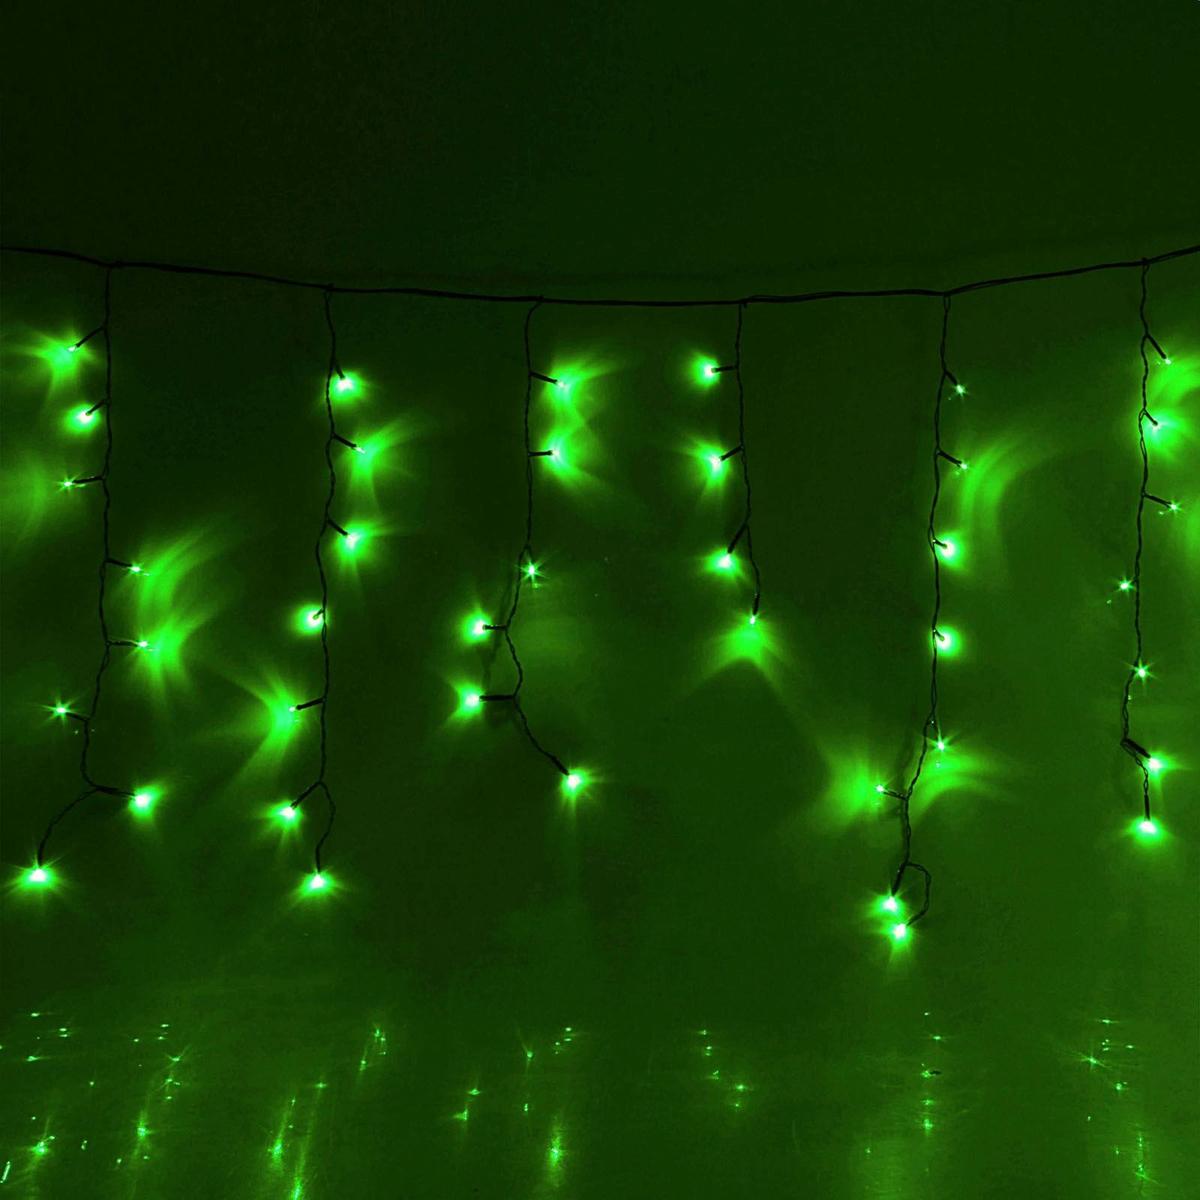 Гирлянда светодиодная Luazon Бахрома, уличная, 8 режимов, 60 ламп, 220V, цвет: зеленый, 1 х 0,6 м. 1872524670025840941Светодиодные гирлянды, ленты и т.д — это отличный вариант для новогоднего оформления интерьера или фасада. С их помощью помещение любого размера можно превратить в праздничный зал, а внешние элементы зданий, украшенные ими, мгновенно станут напоминать очертания сказочного дворца. Такие украшения создают ауру предвкушения чуда. Деревья, фасады, витрины, окна и арки будто специально созданы, чтобы вы украсили их светящимися нитями.